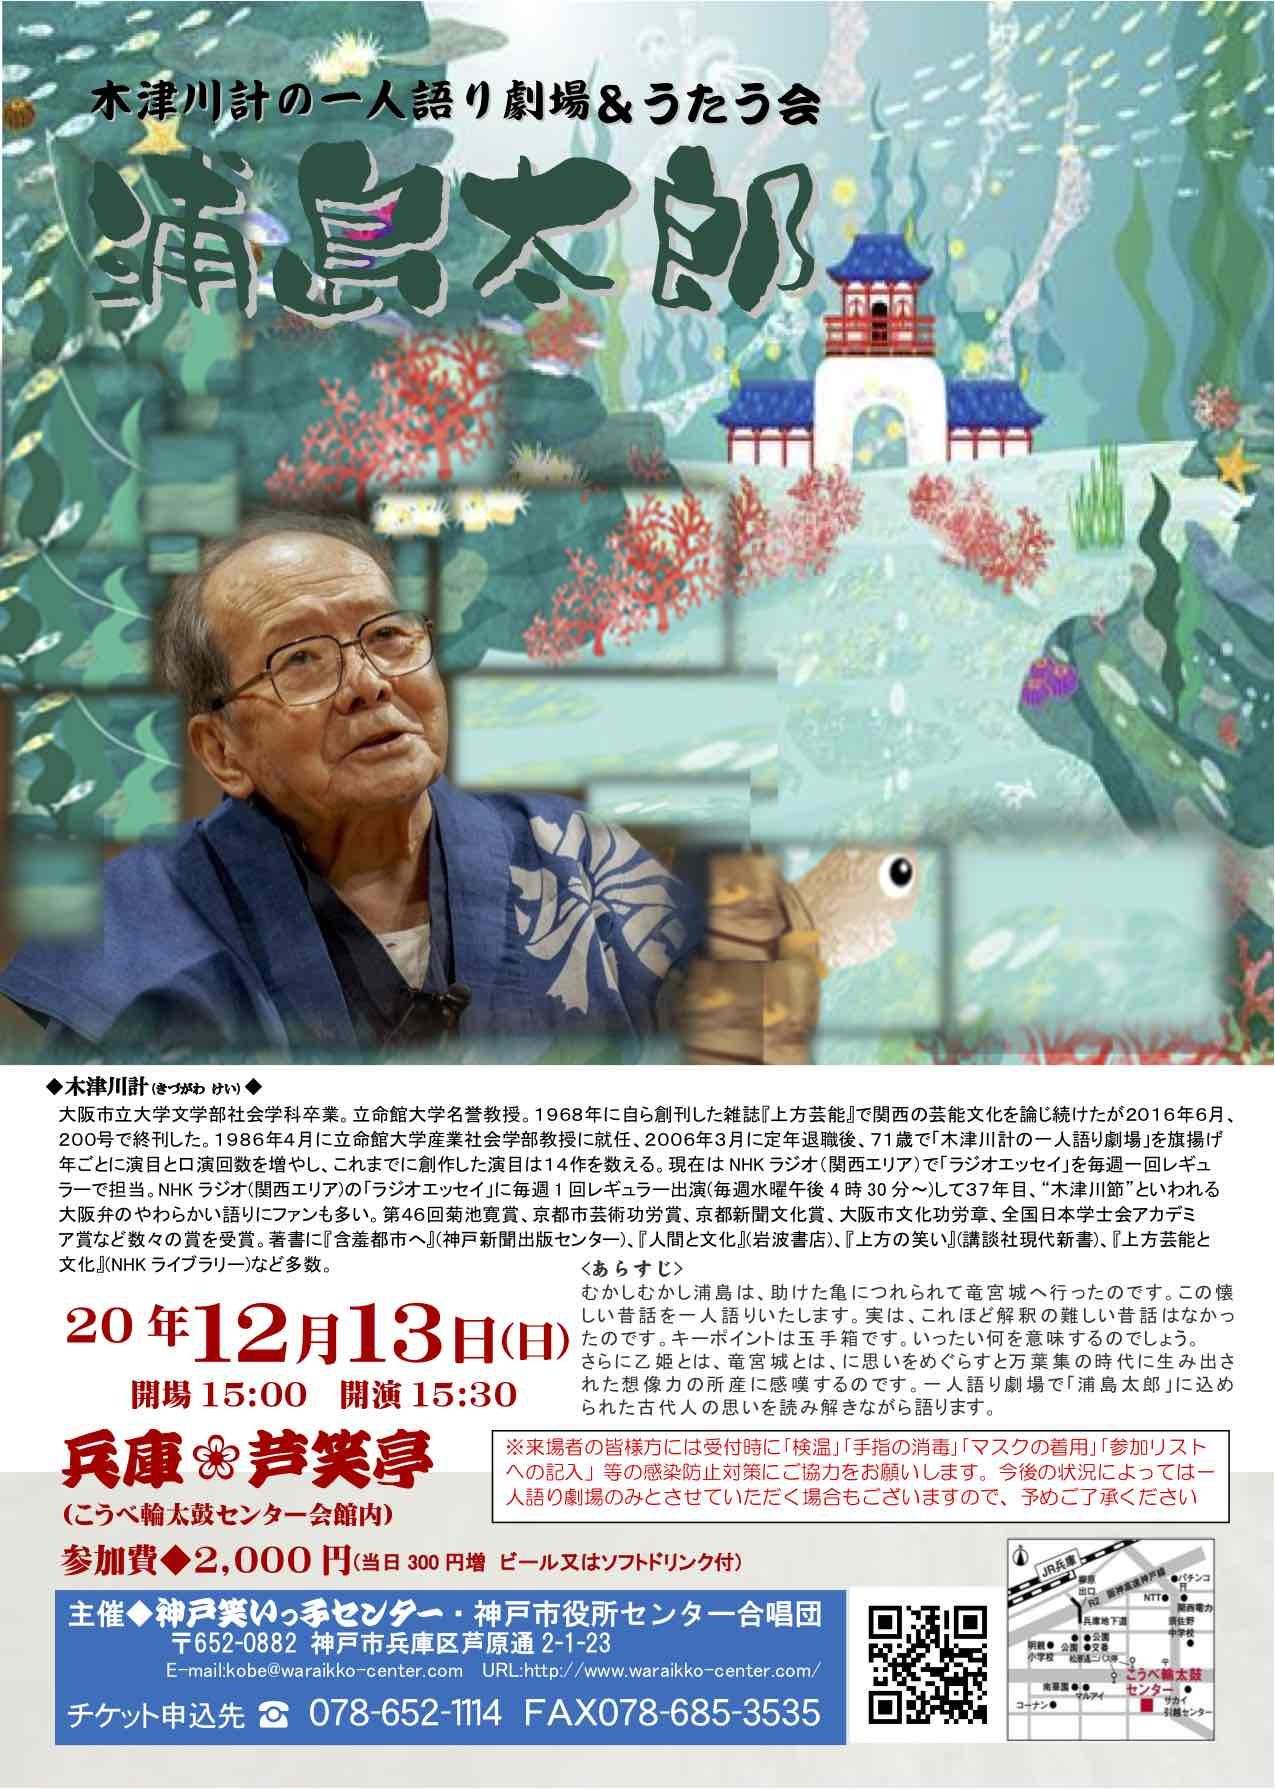 木津川計の一人語り劇場&うたう会(浦島太郎) 公演チケット発売中!